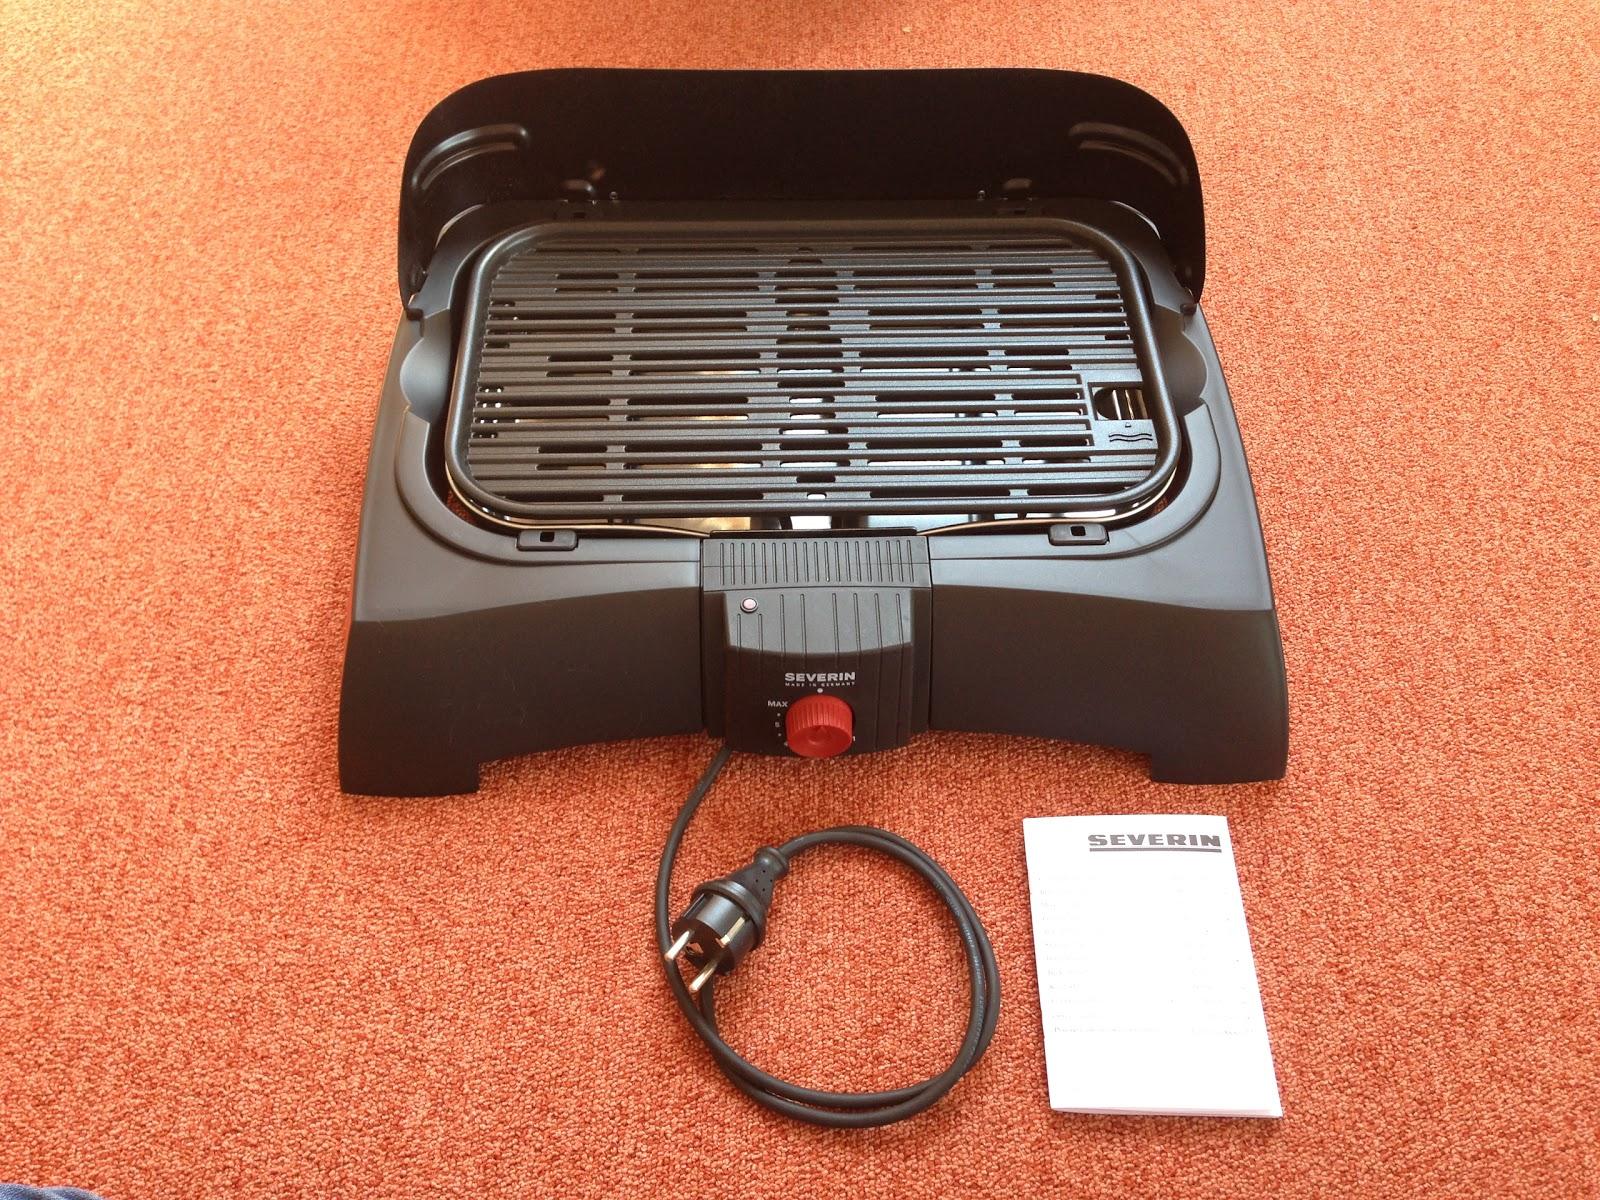 Severin Elektrogrill Heizelement : Severin pg grill ebay